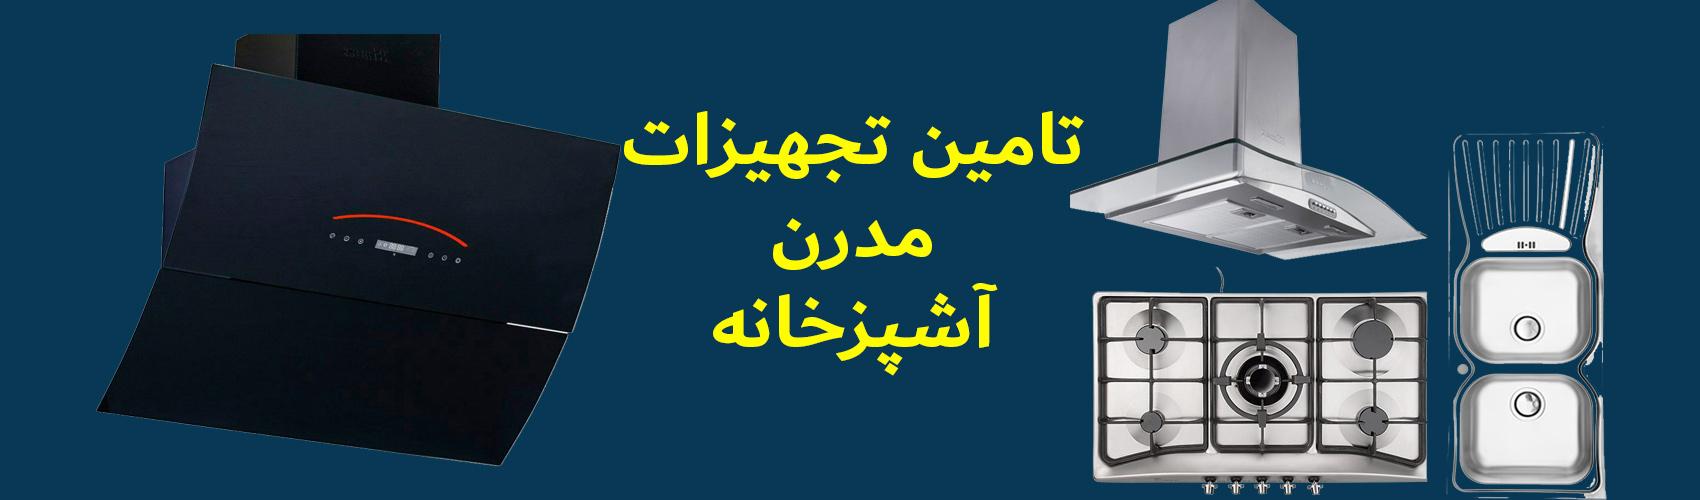 behrad1